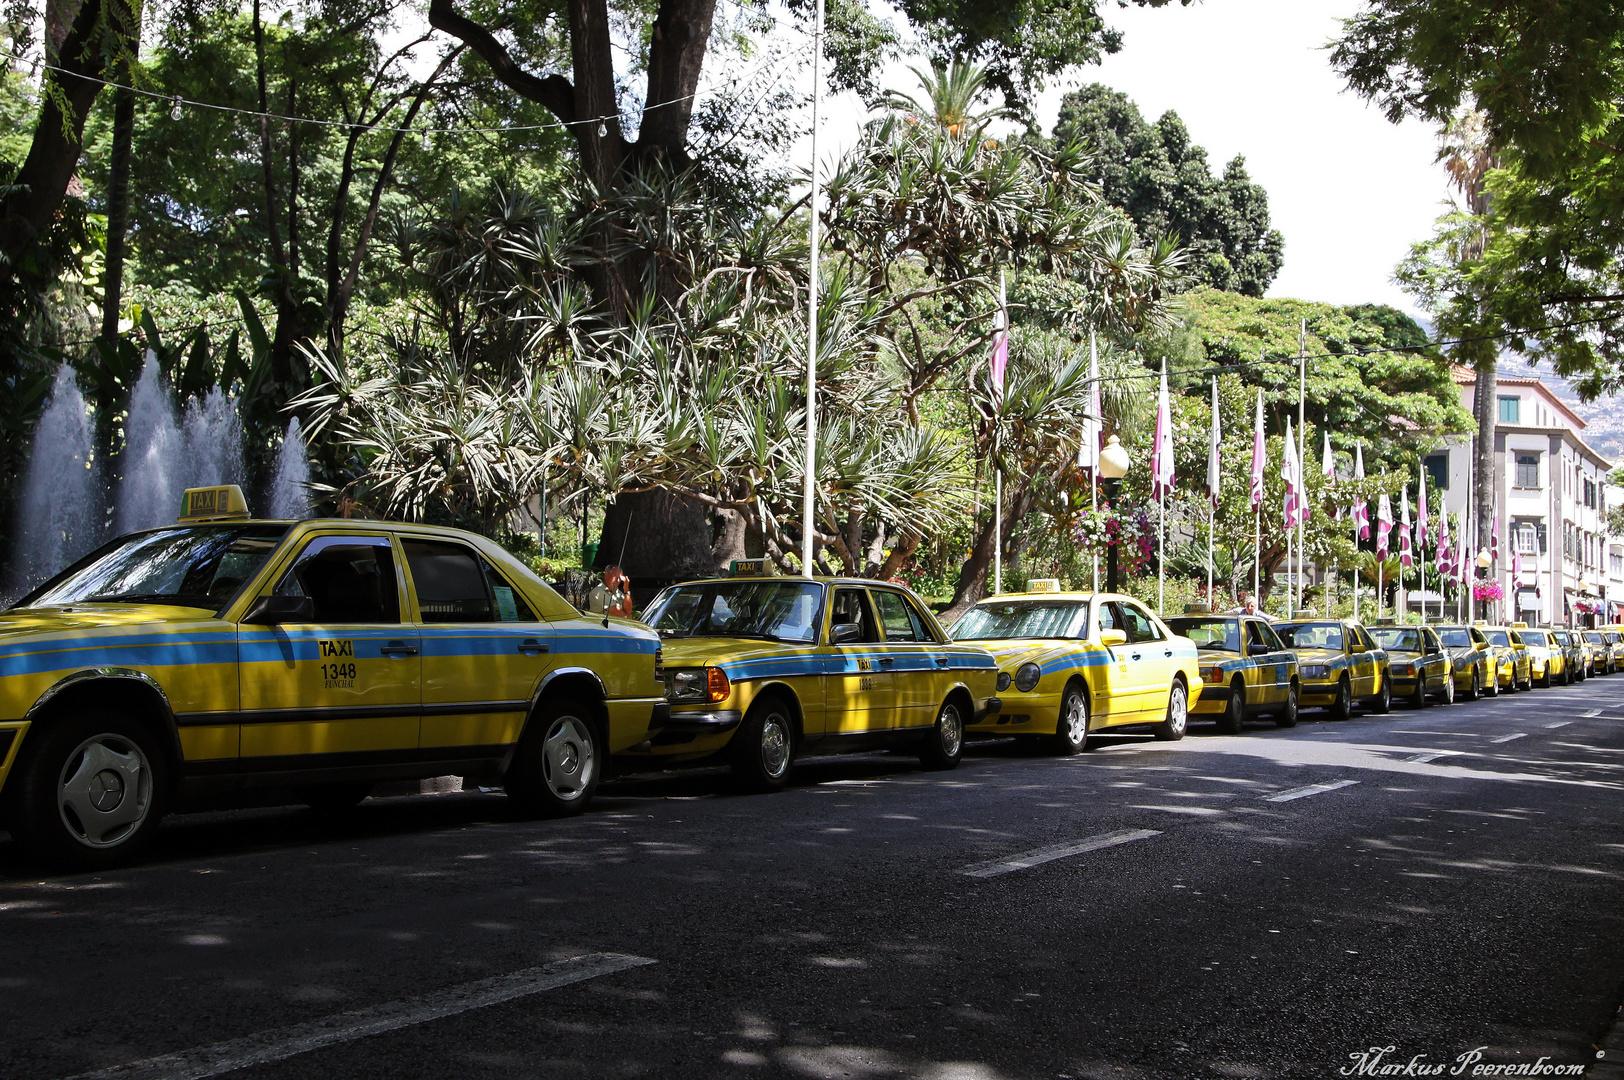 Typisch Madeira